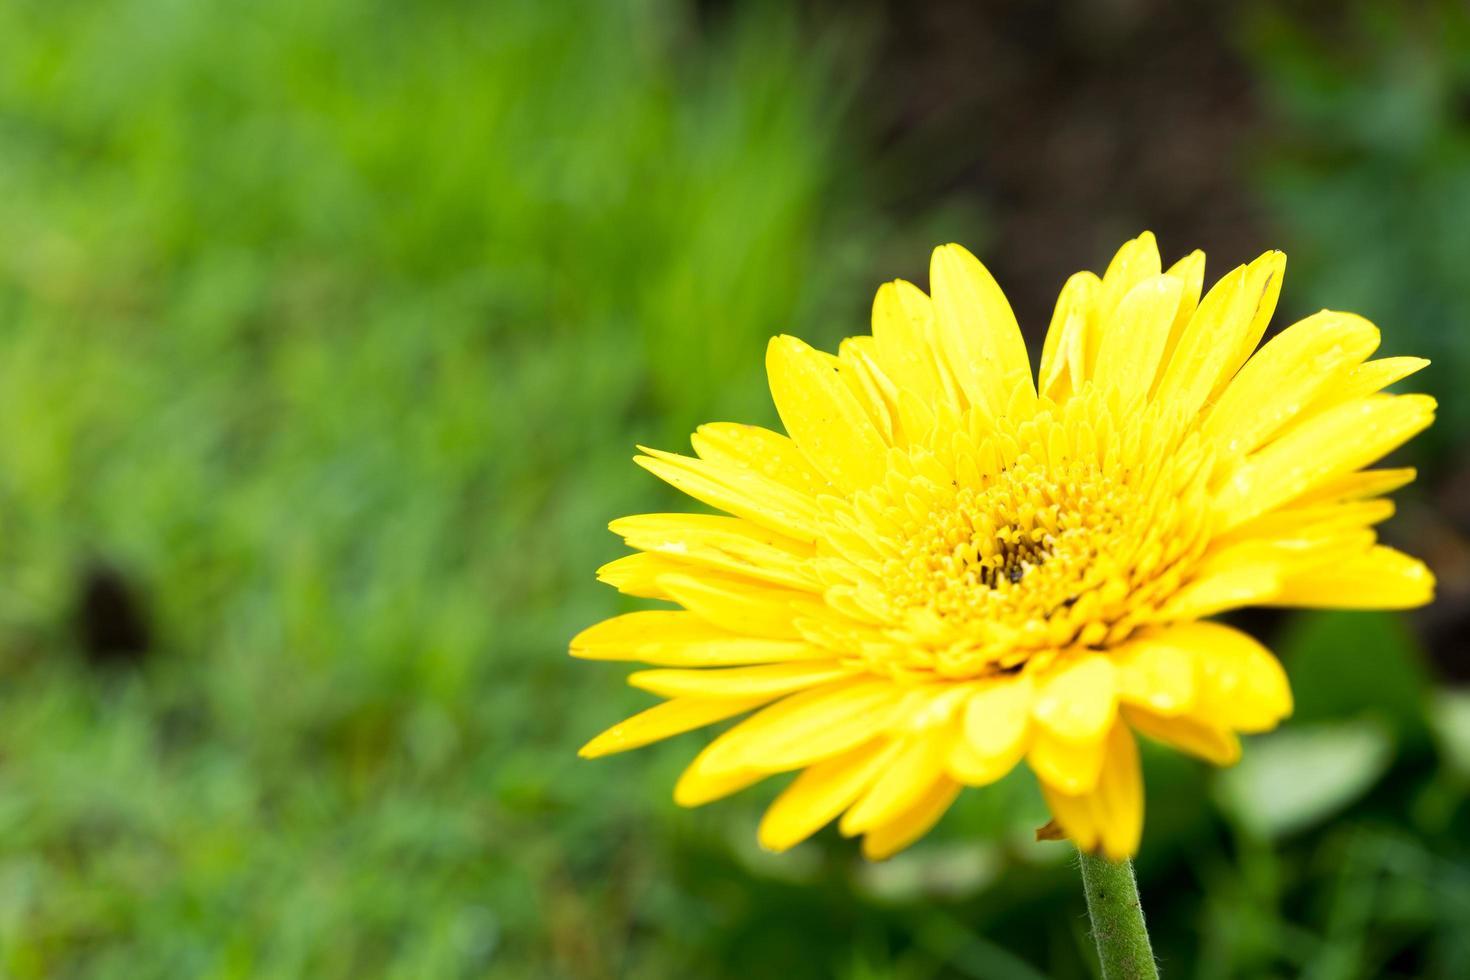 fiore margherita gialla nel parco foto